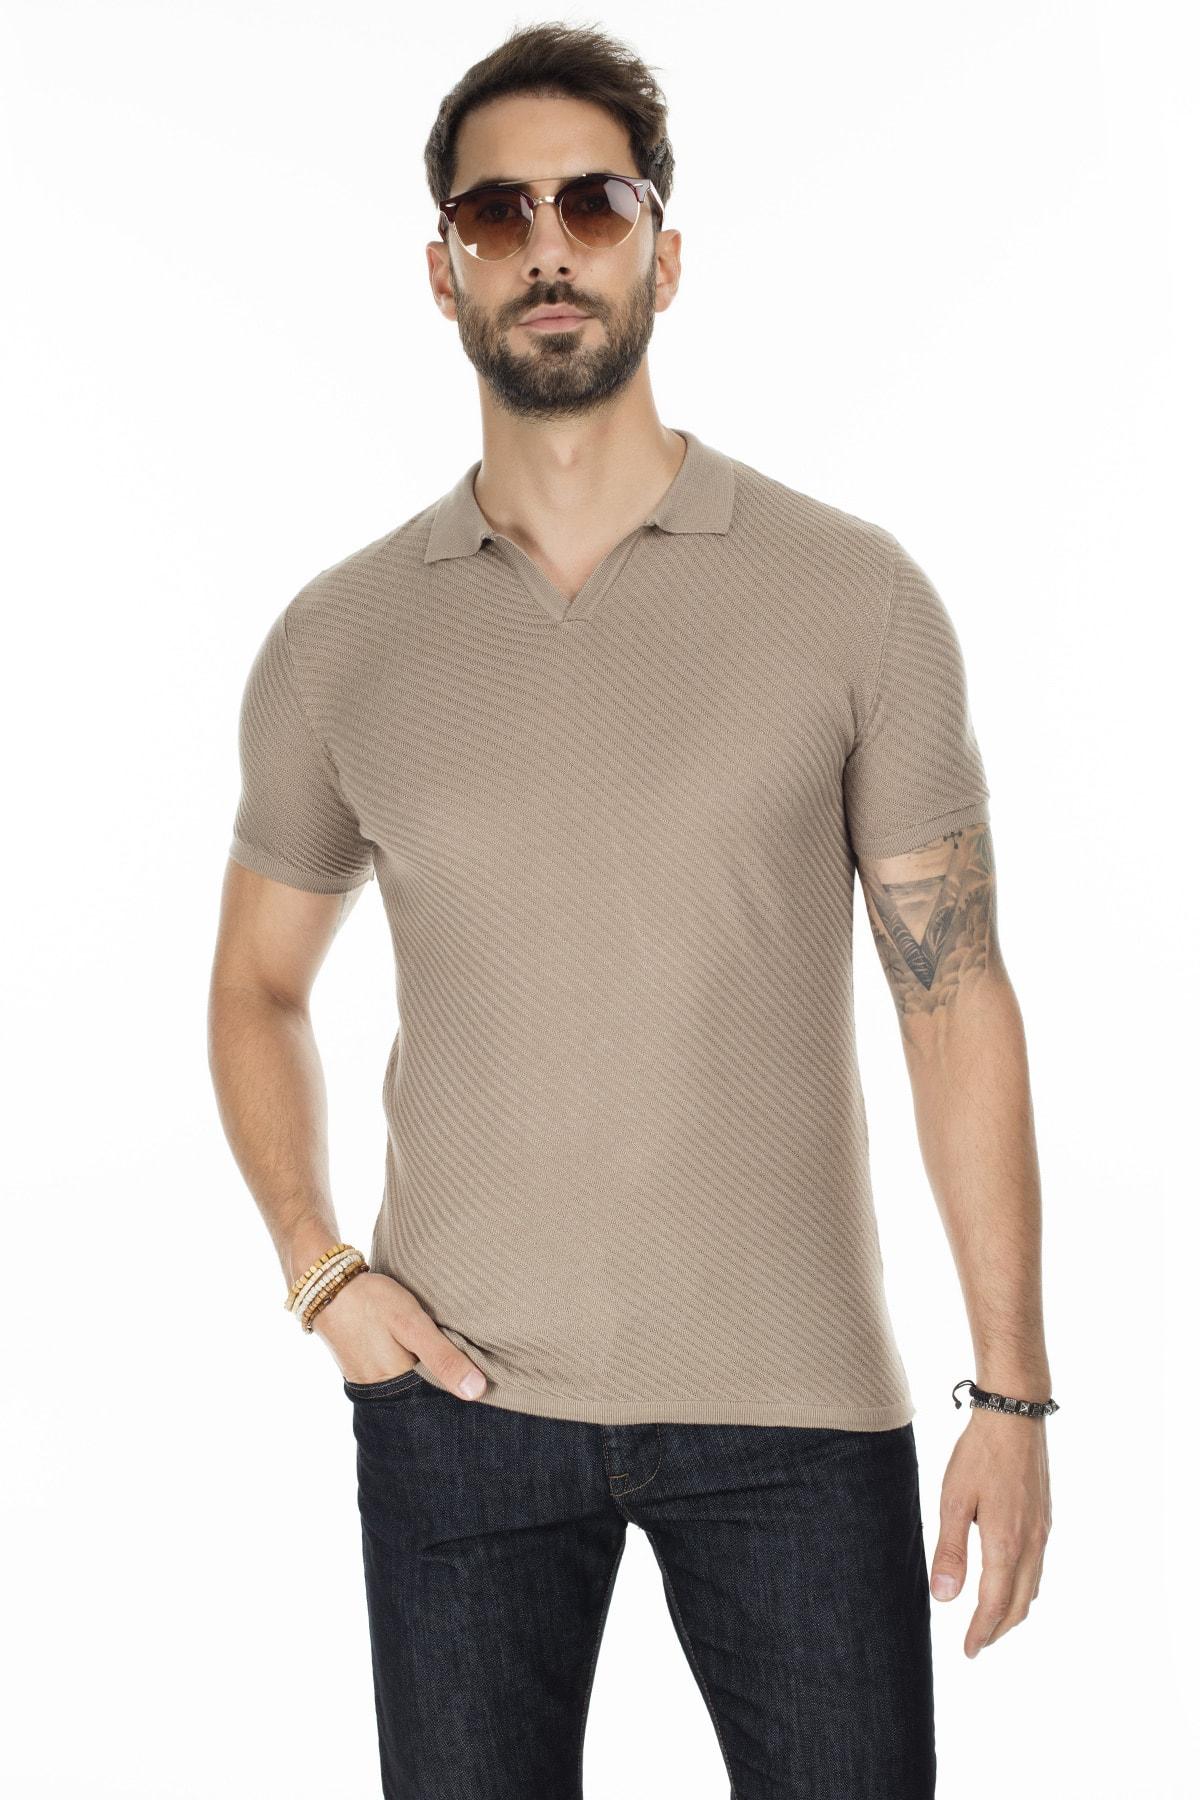 Buratti Erkek Vizon Triko Polo Yaka Slim Fit Günlük T Shirt Abk61005Lns